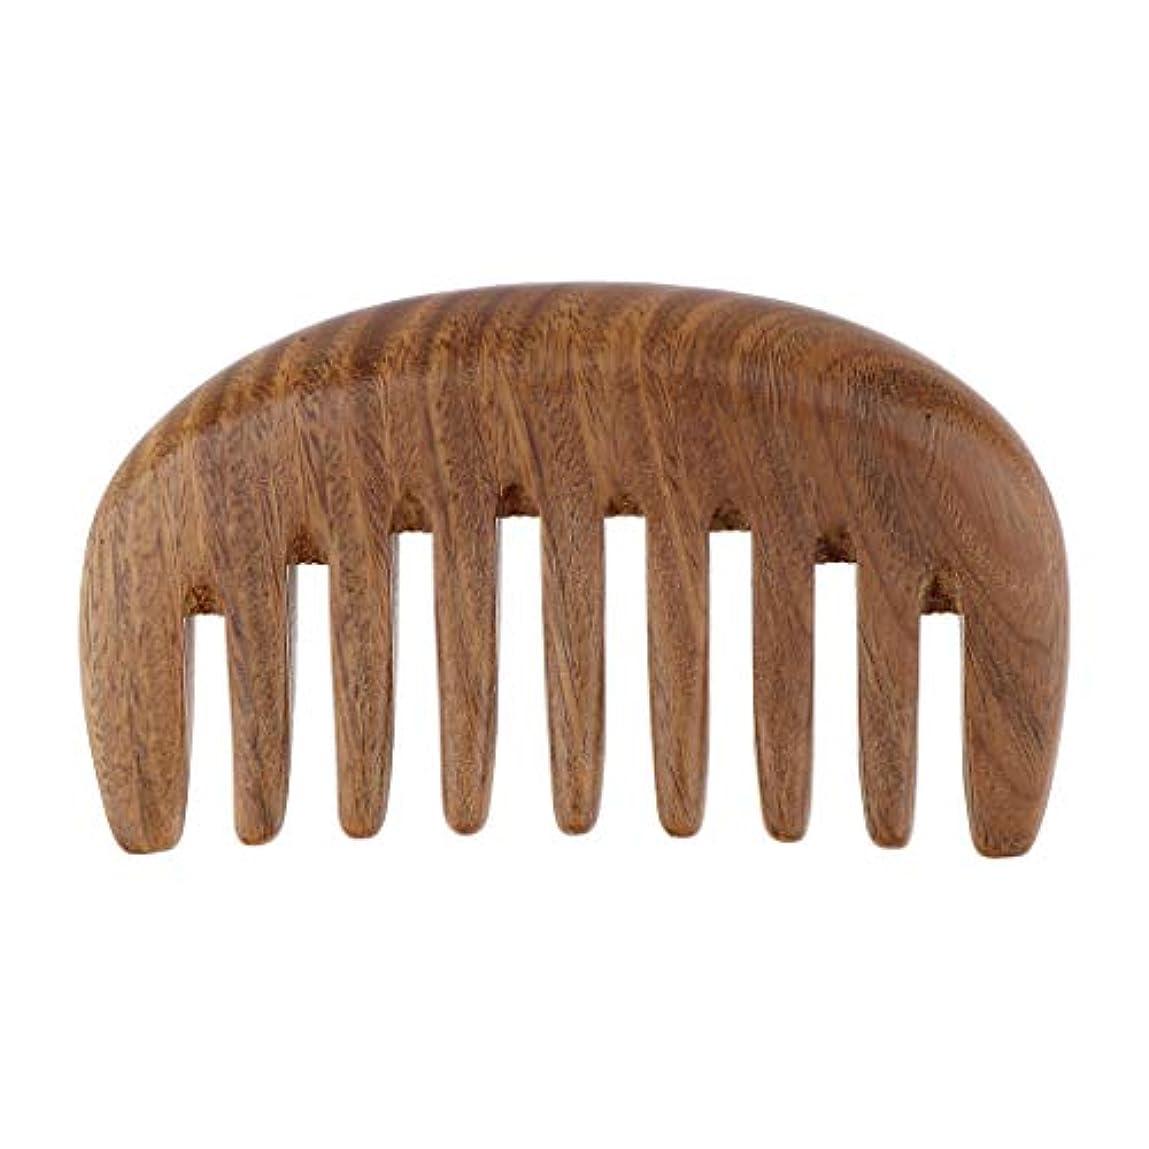 唇パール親ヘアブラシ 木製 ヘアコーム ウッドコーム 帯電防止櫛 ヘアケア くし 櫛 3色選べ - ベラウッド